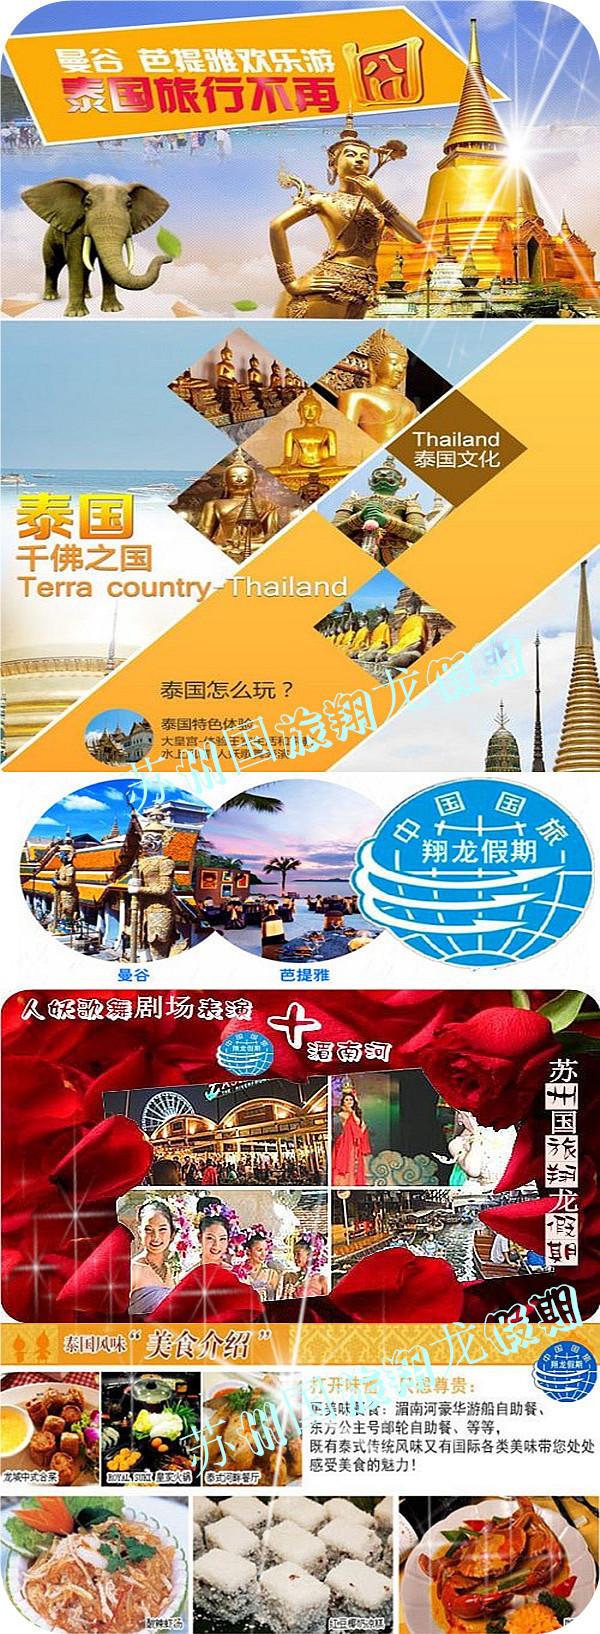 去哪儿网新品推出优享纯泰 北京出发到泰国曼谷 7天6